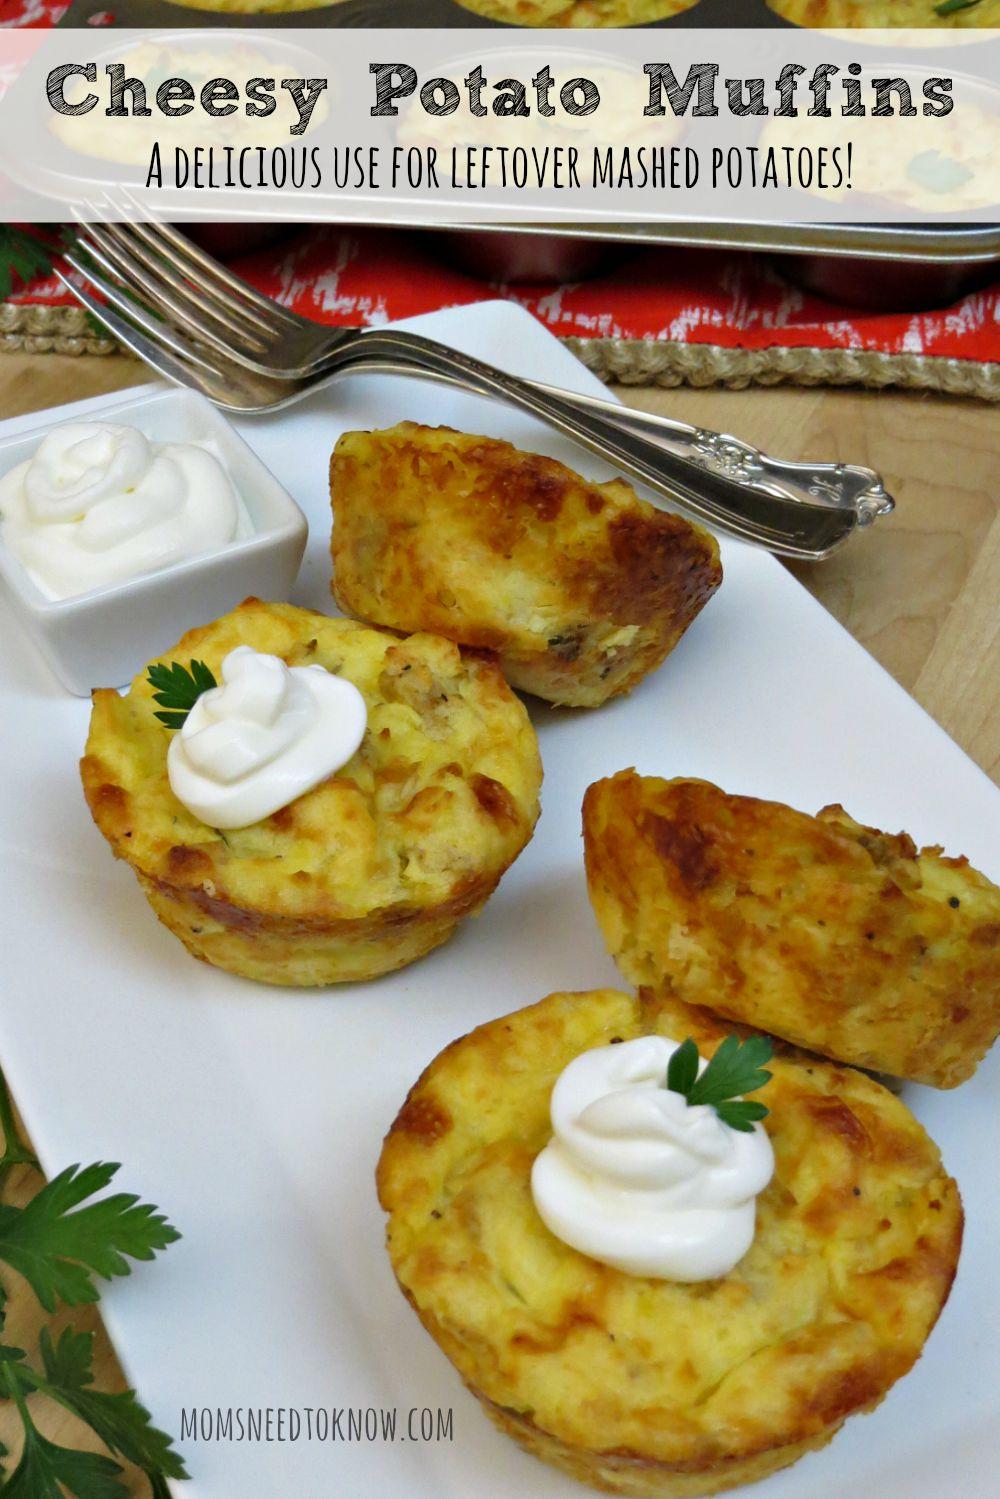 Cheesy Potato Muffins